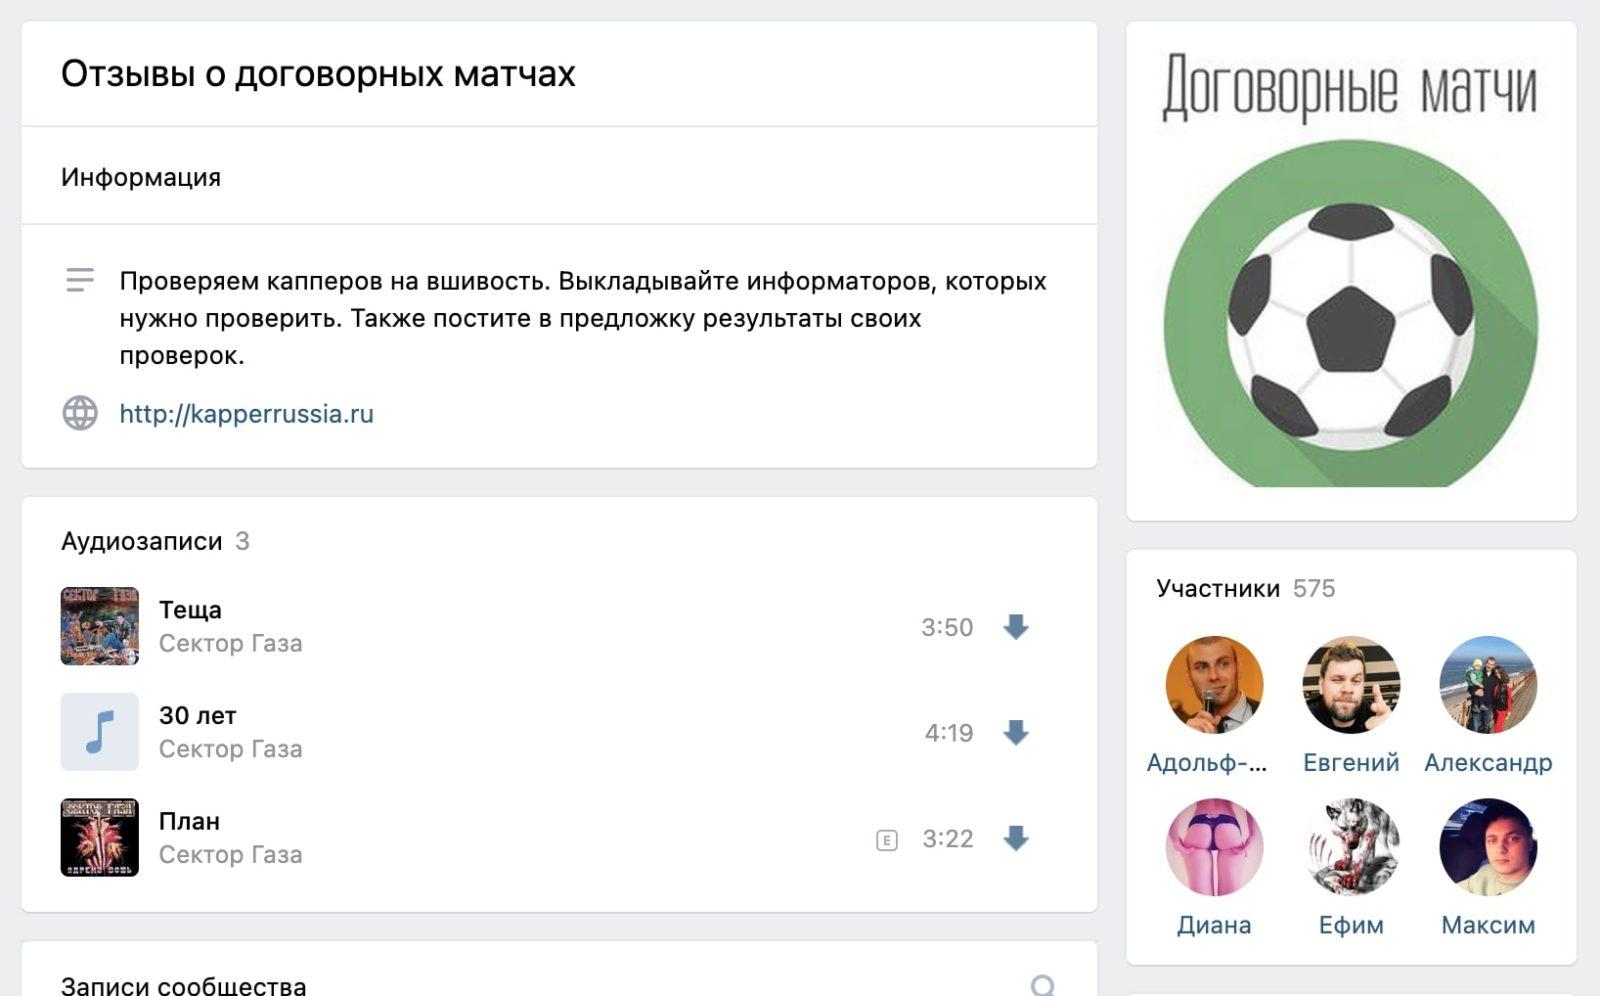 Группа ВК Kapperrussia.ru (каппер раша)